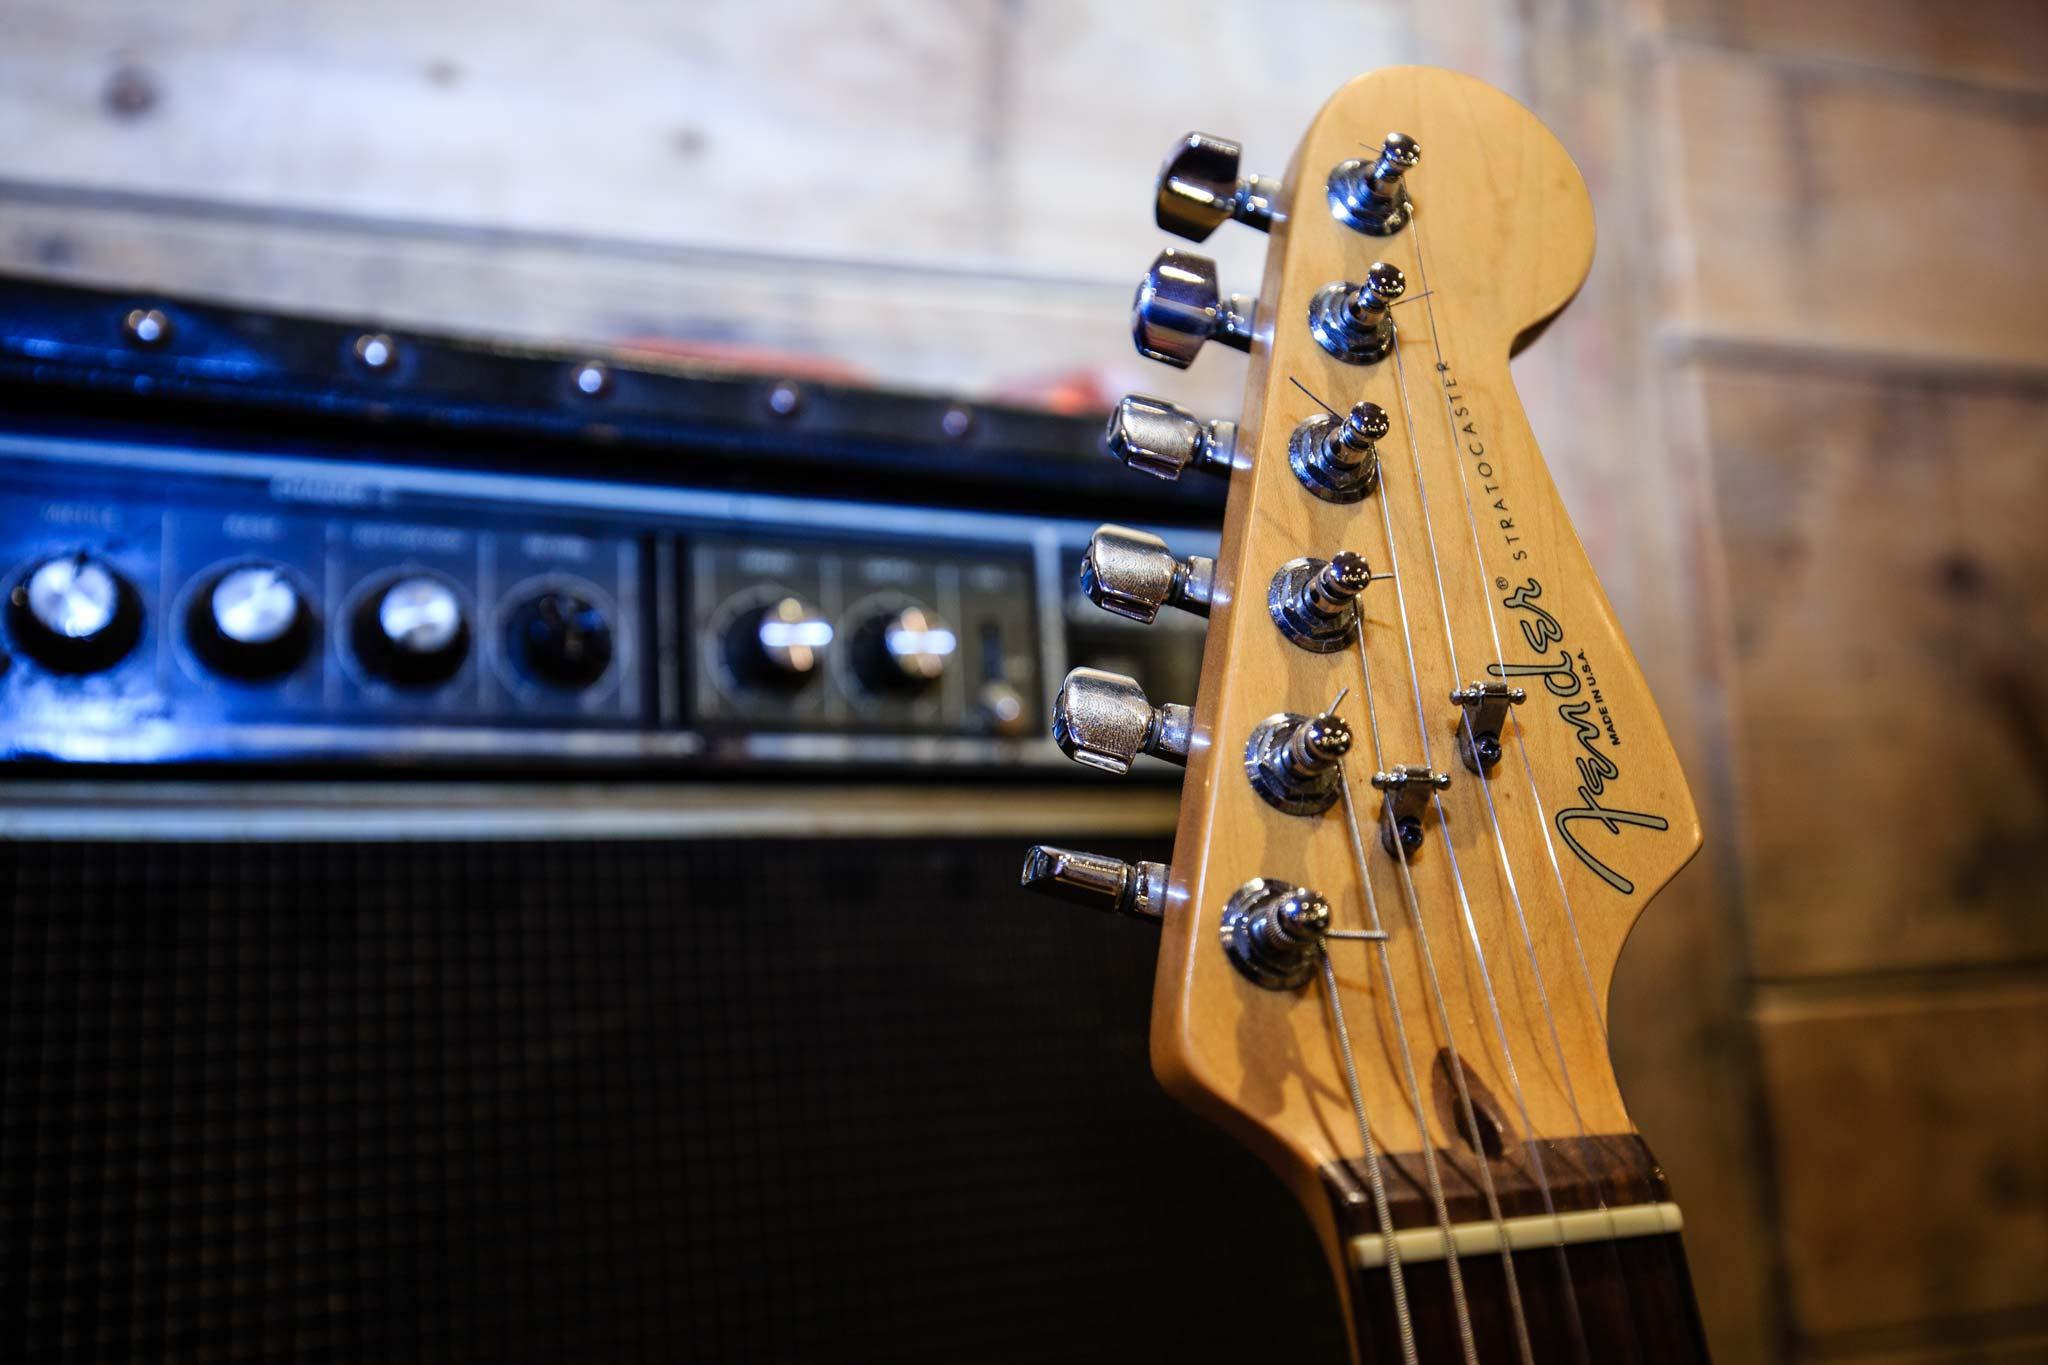 Concert Duo Guitare vendredi 21 octobre au P'tit Caboulot